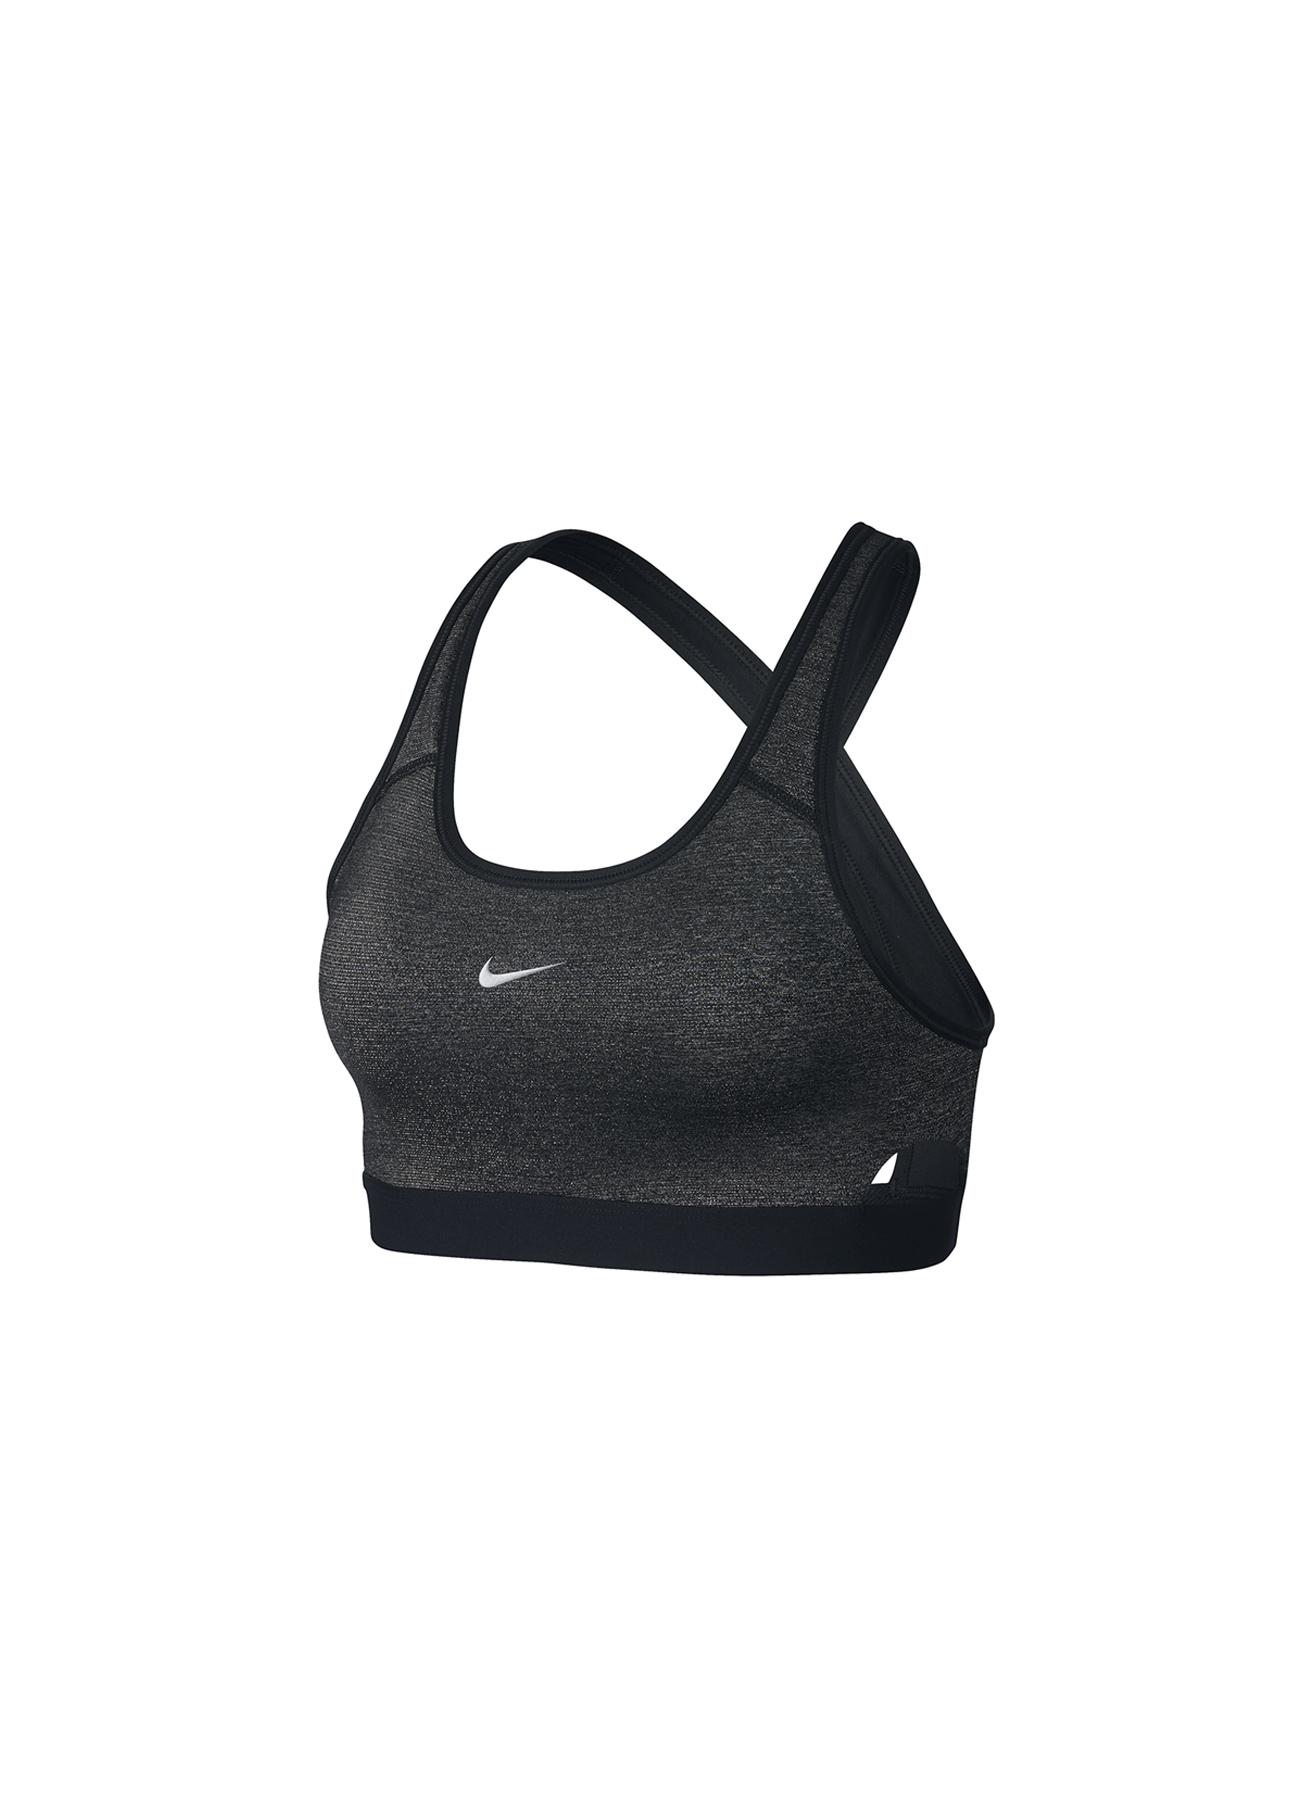 Nike Sporcu Sütyeni S 5002328992003 Ürün Resmi